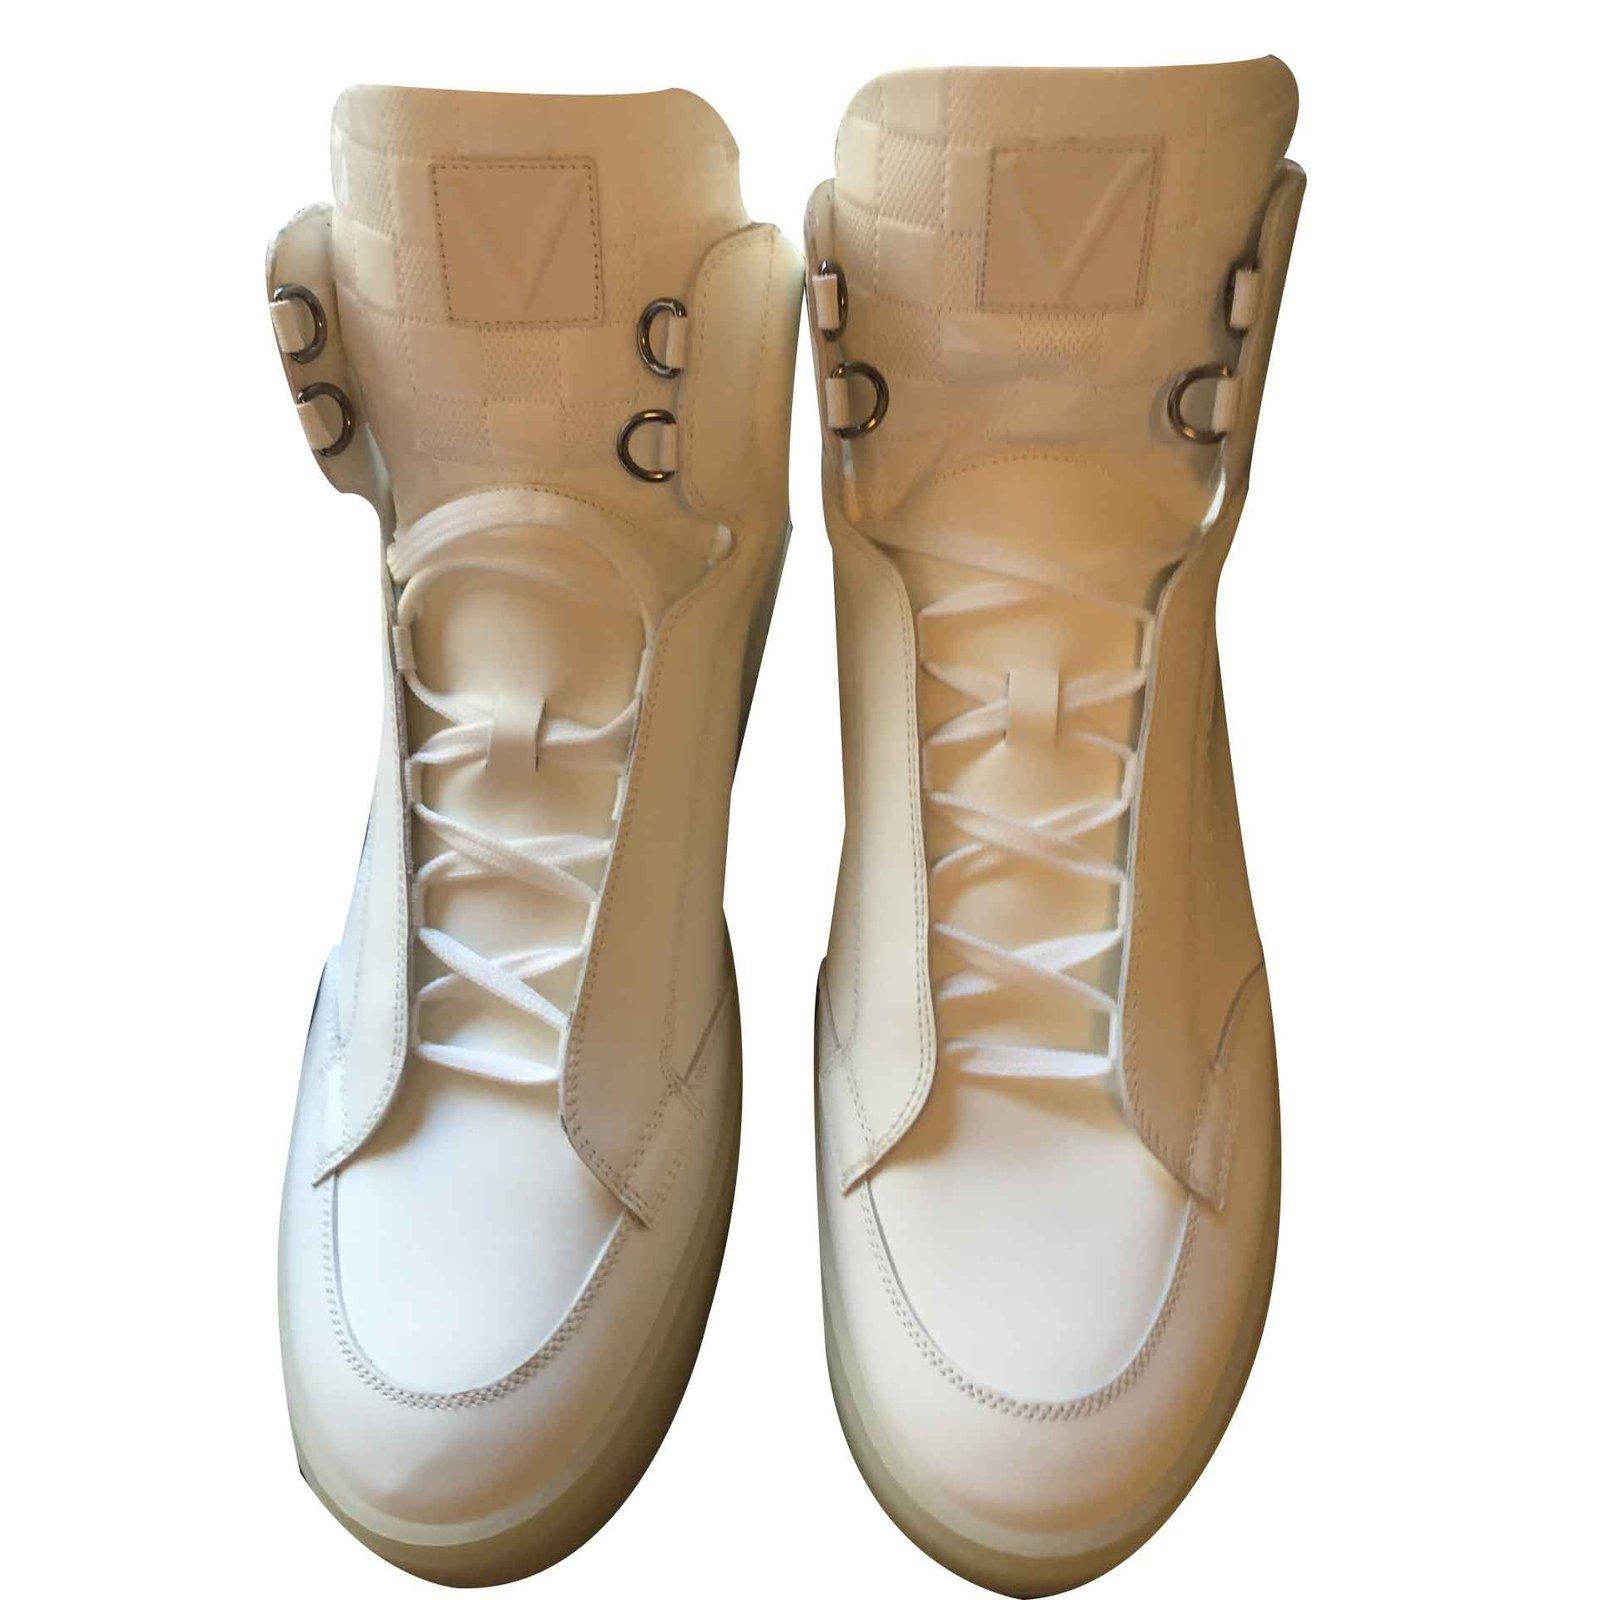 a34f0d744d0 Sneakers